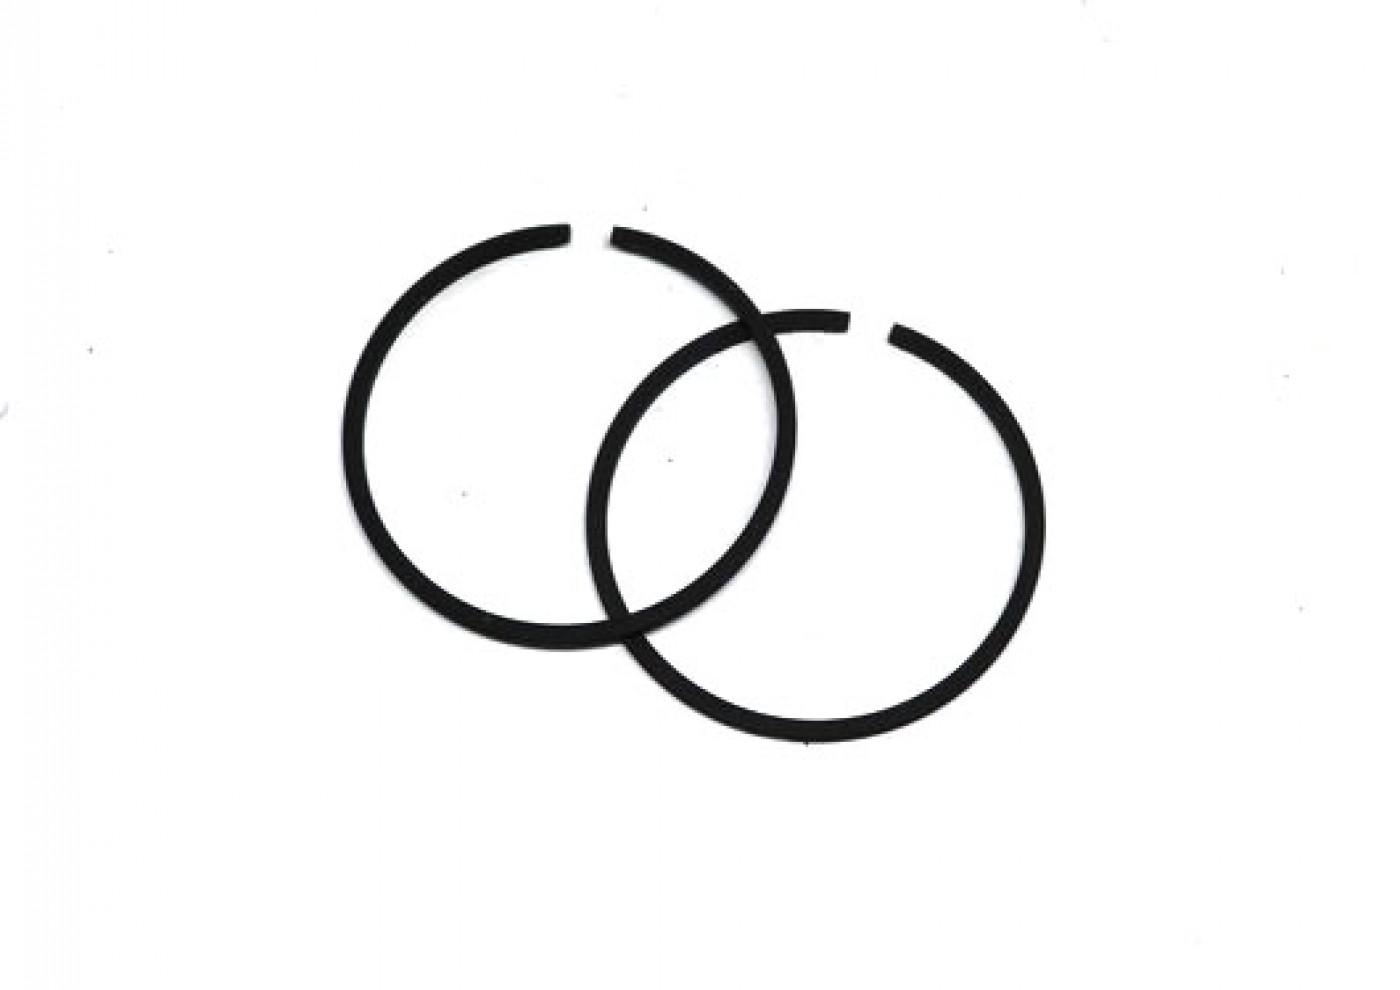 Súprava piestnych krúžkov Stihl MS240 024